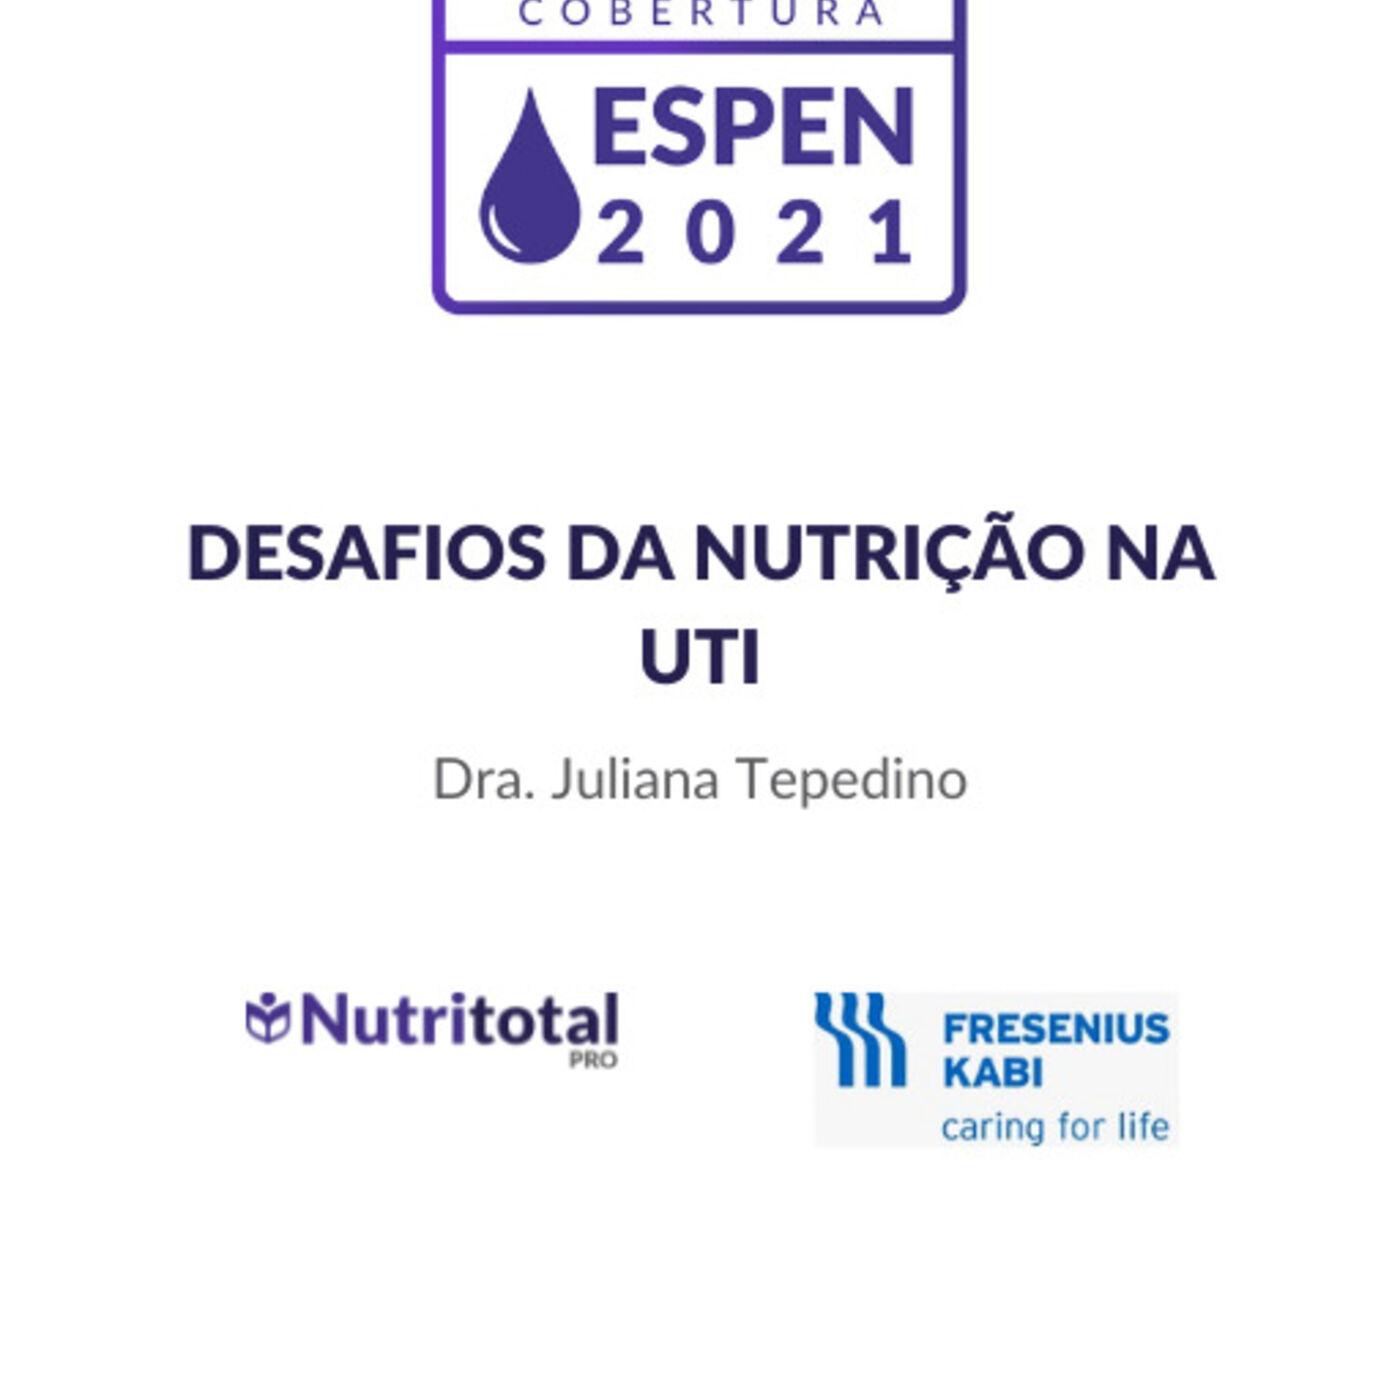 Cobertura ESPEN 2021: Desafios da nutrição na UTI